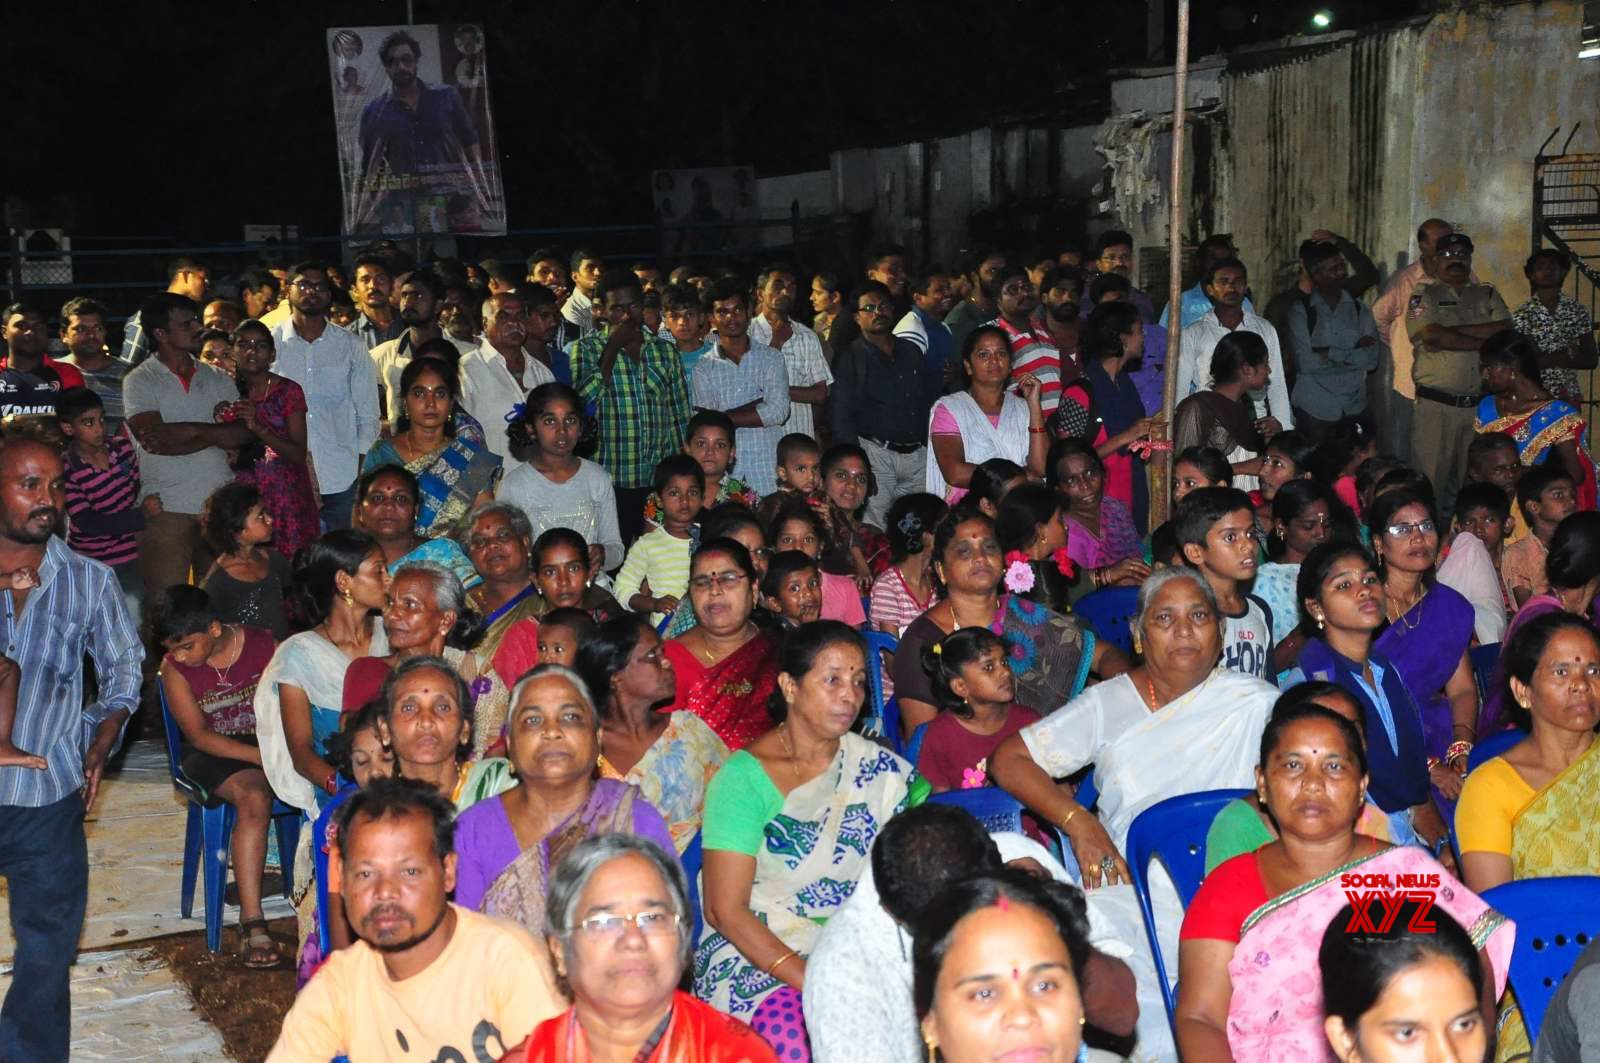 Rana meets and greets kancharapalem people gallery set 2 social rana meets and greets kancharapalem people gallery set 2 m4hsunfo